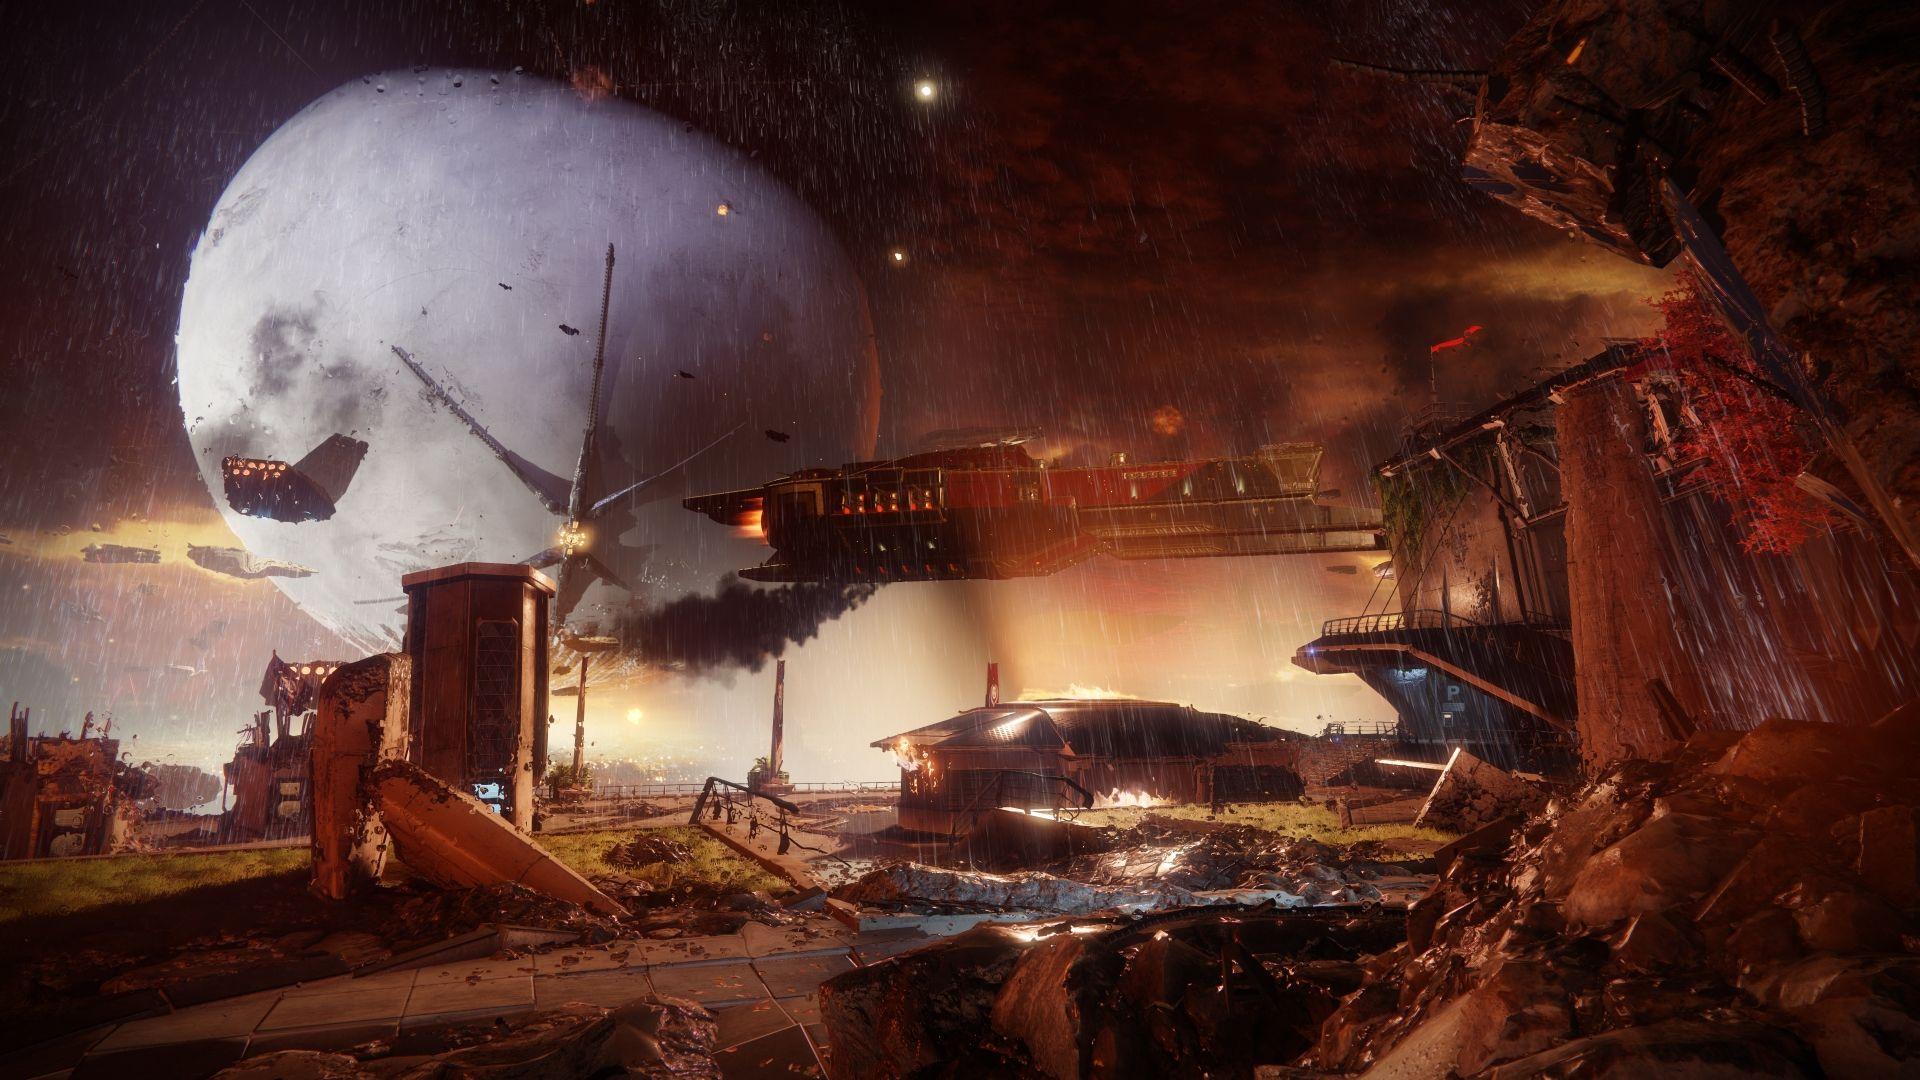 SetWidth1920-destiny-2-environments-4